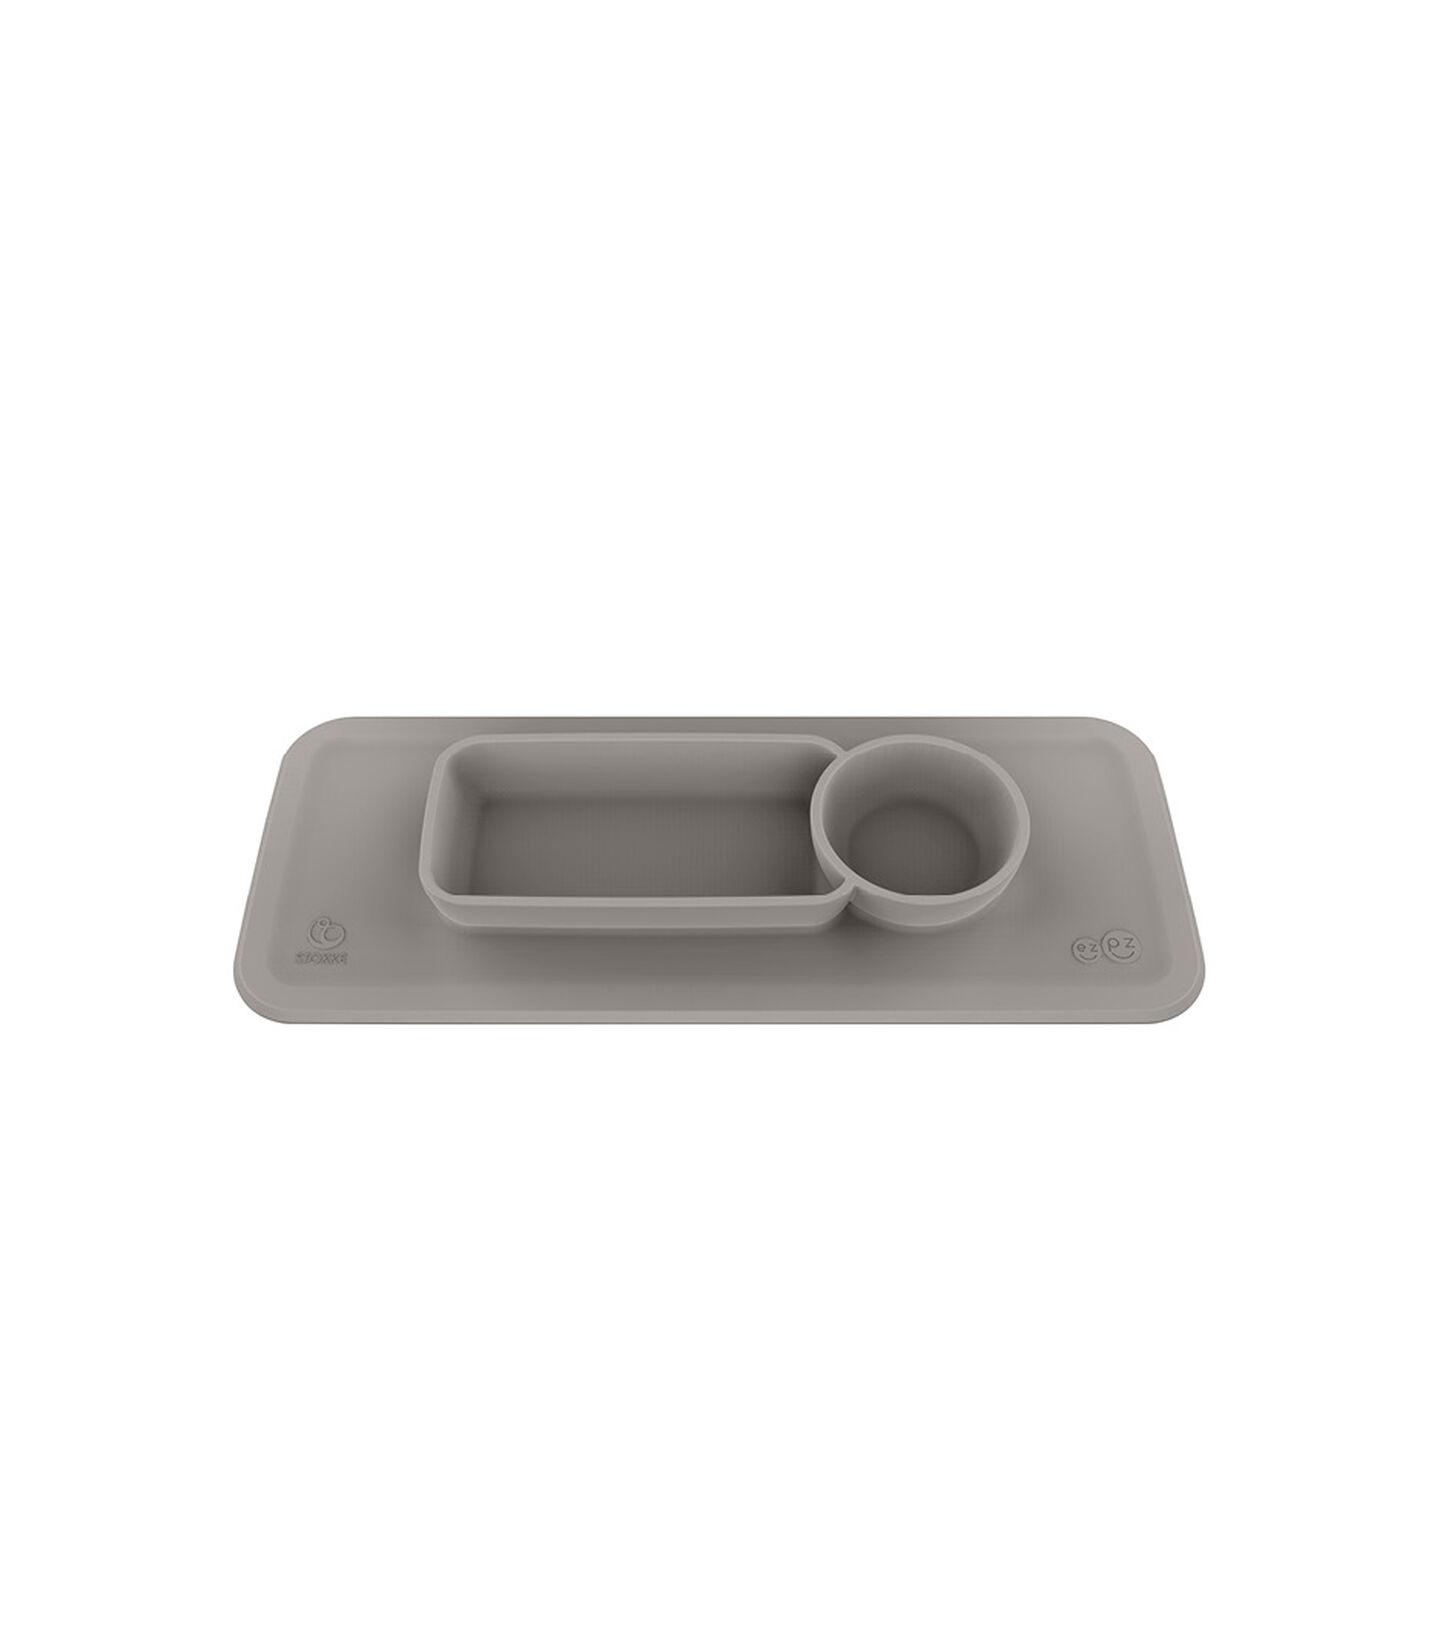 ezpz™ by Stokke®, Soft Grey - for Stokke® Clikk™ view 1